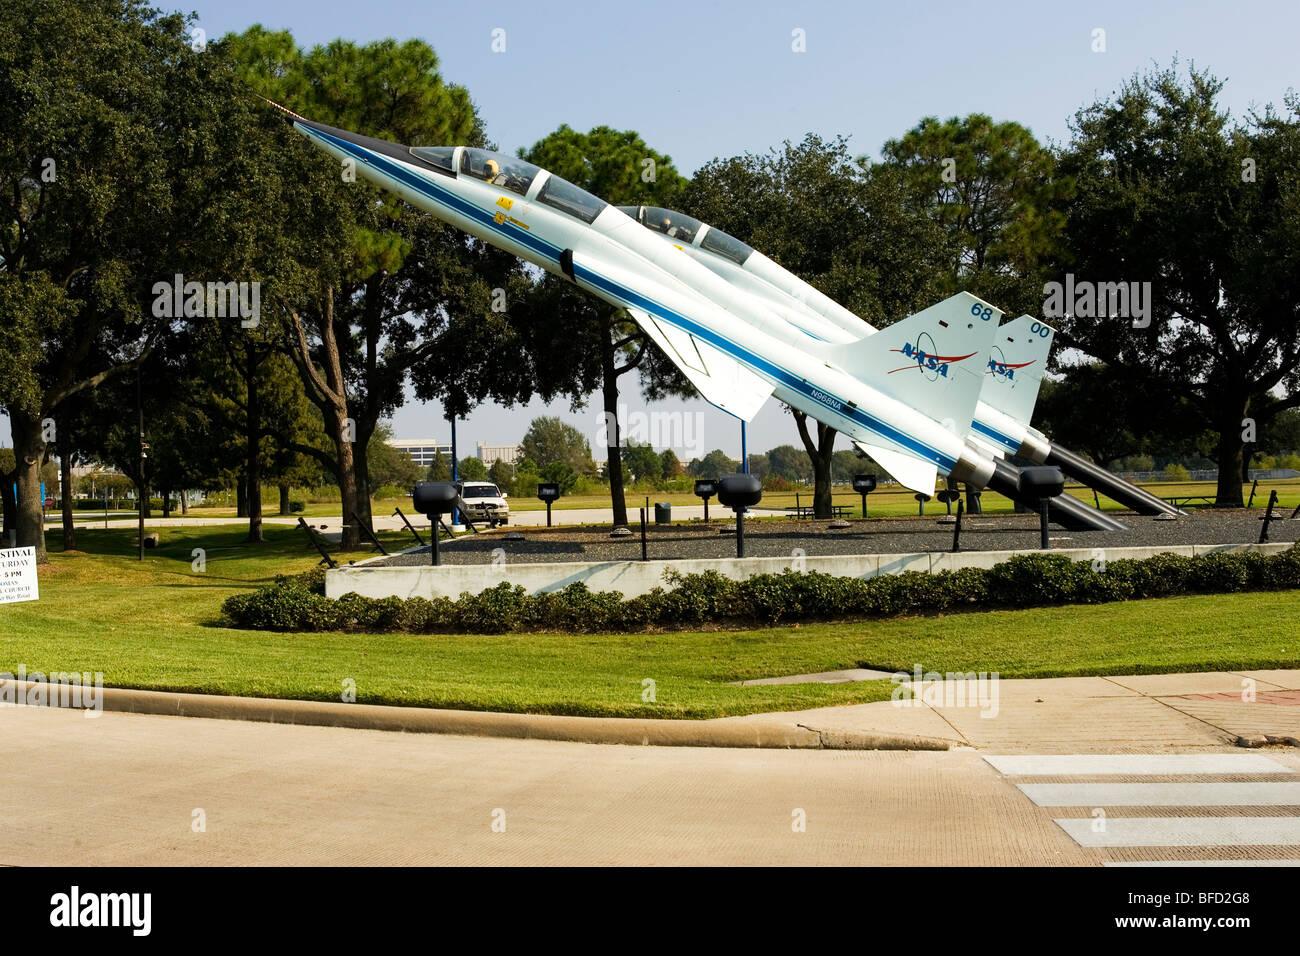 T-38 display at the NASA entrance, Houston, TX - Stock Image